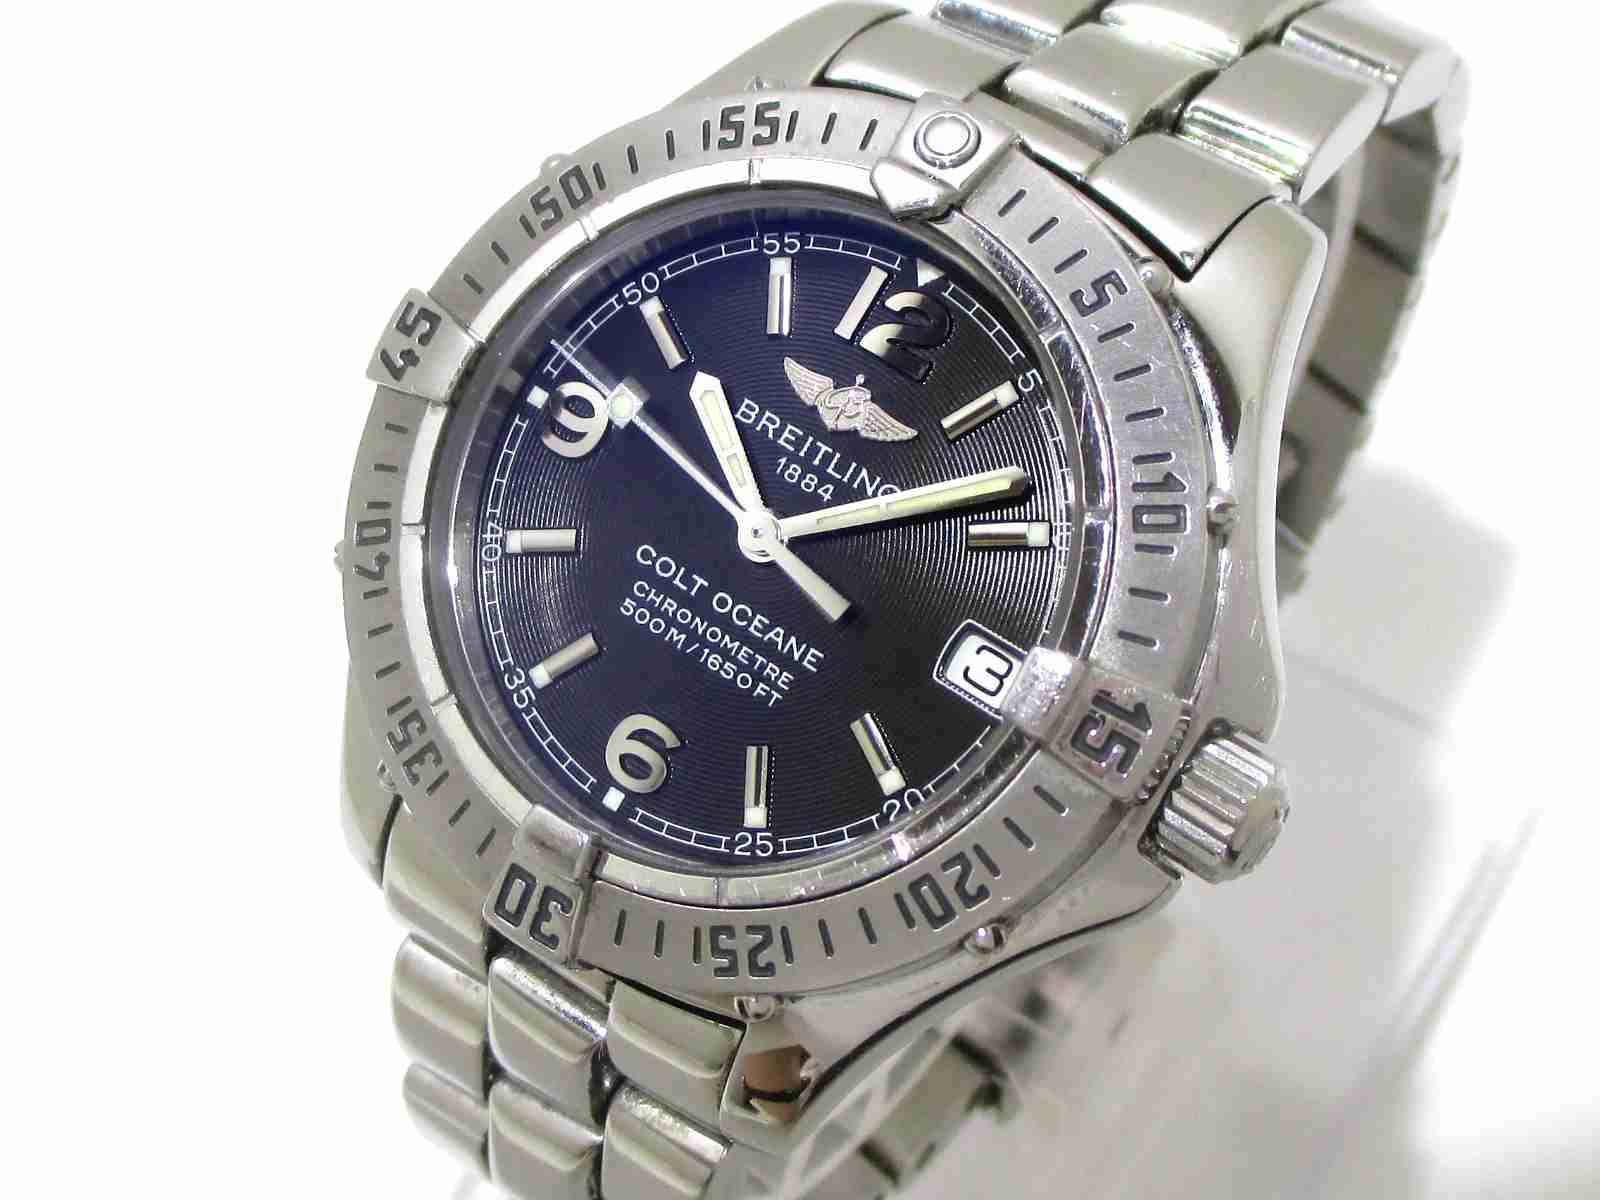 仕事の時に使ってる腕時計は何ですか?